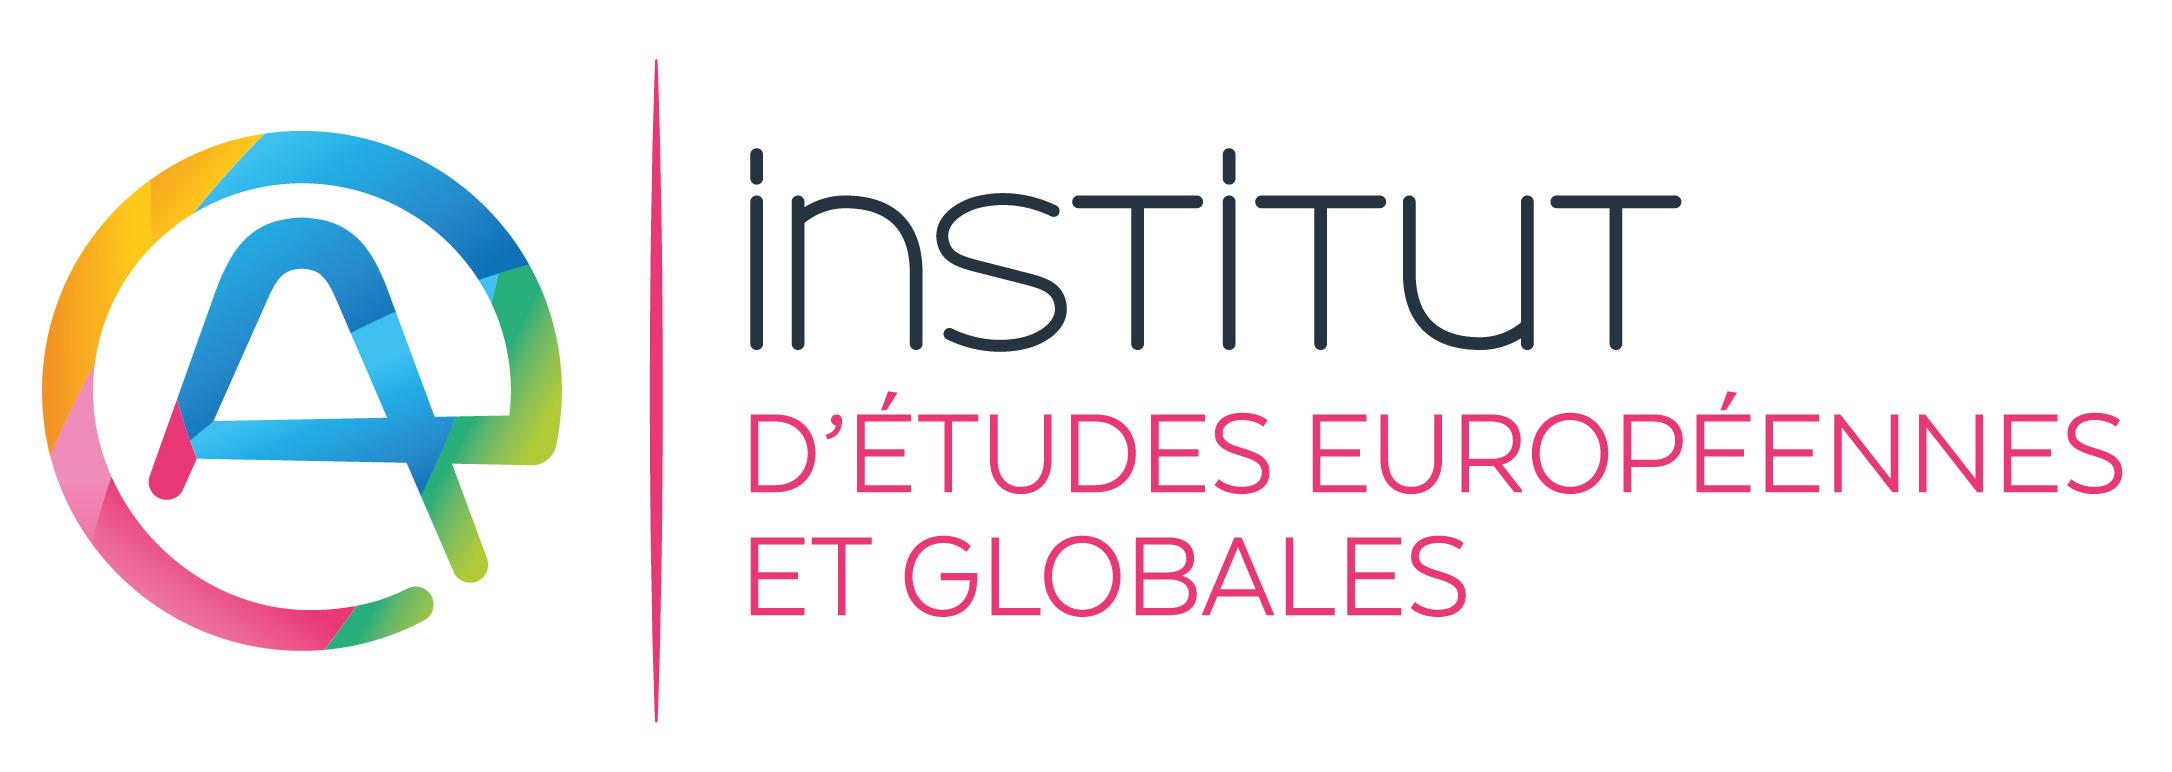 l'Institut d'études européennes et globales Alliance Europa